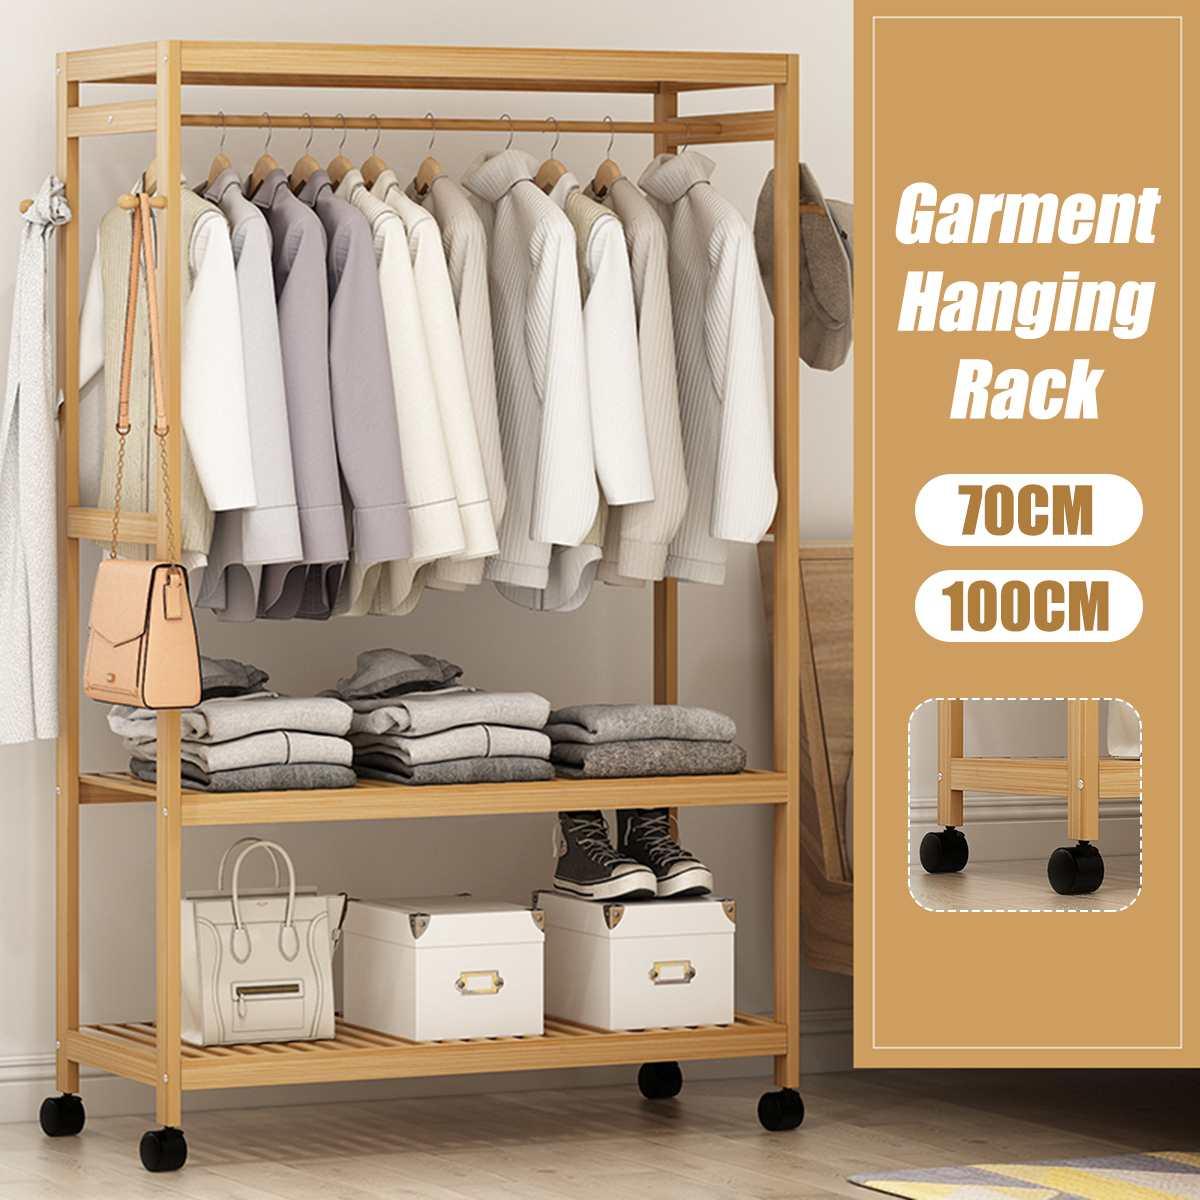 Bambou portemanteau sol debout vêtements suspendus étagère de rangement vêtements cintre supports chambre meubles vêtement placard support + roue